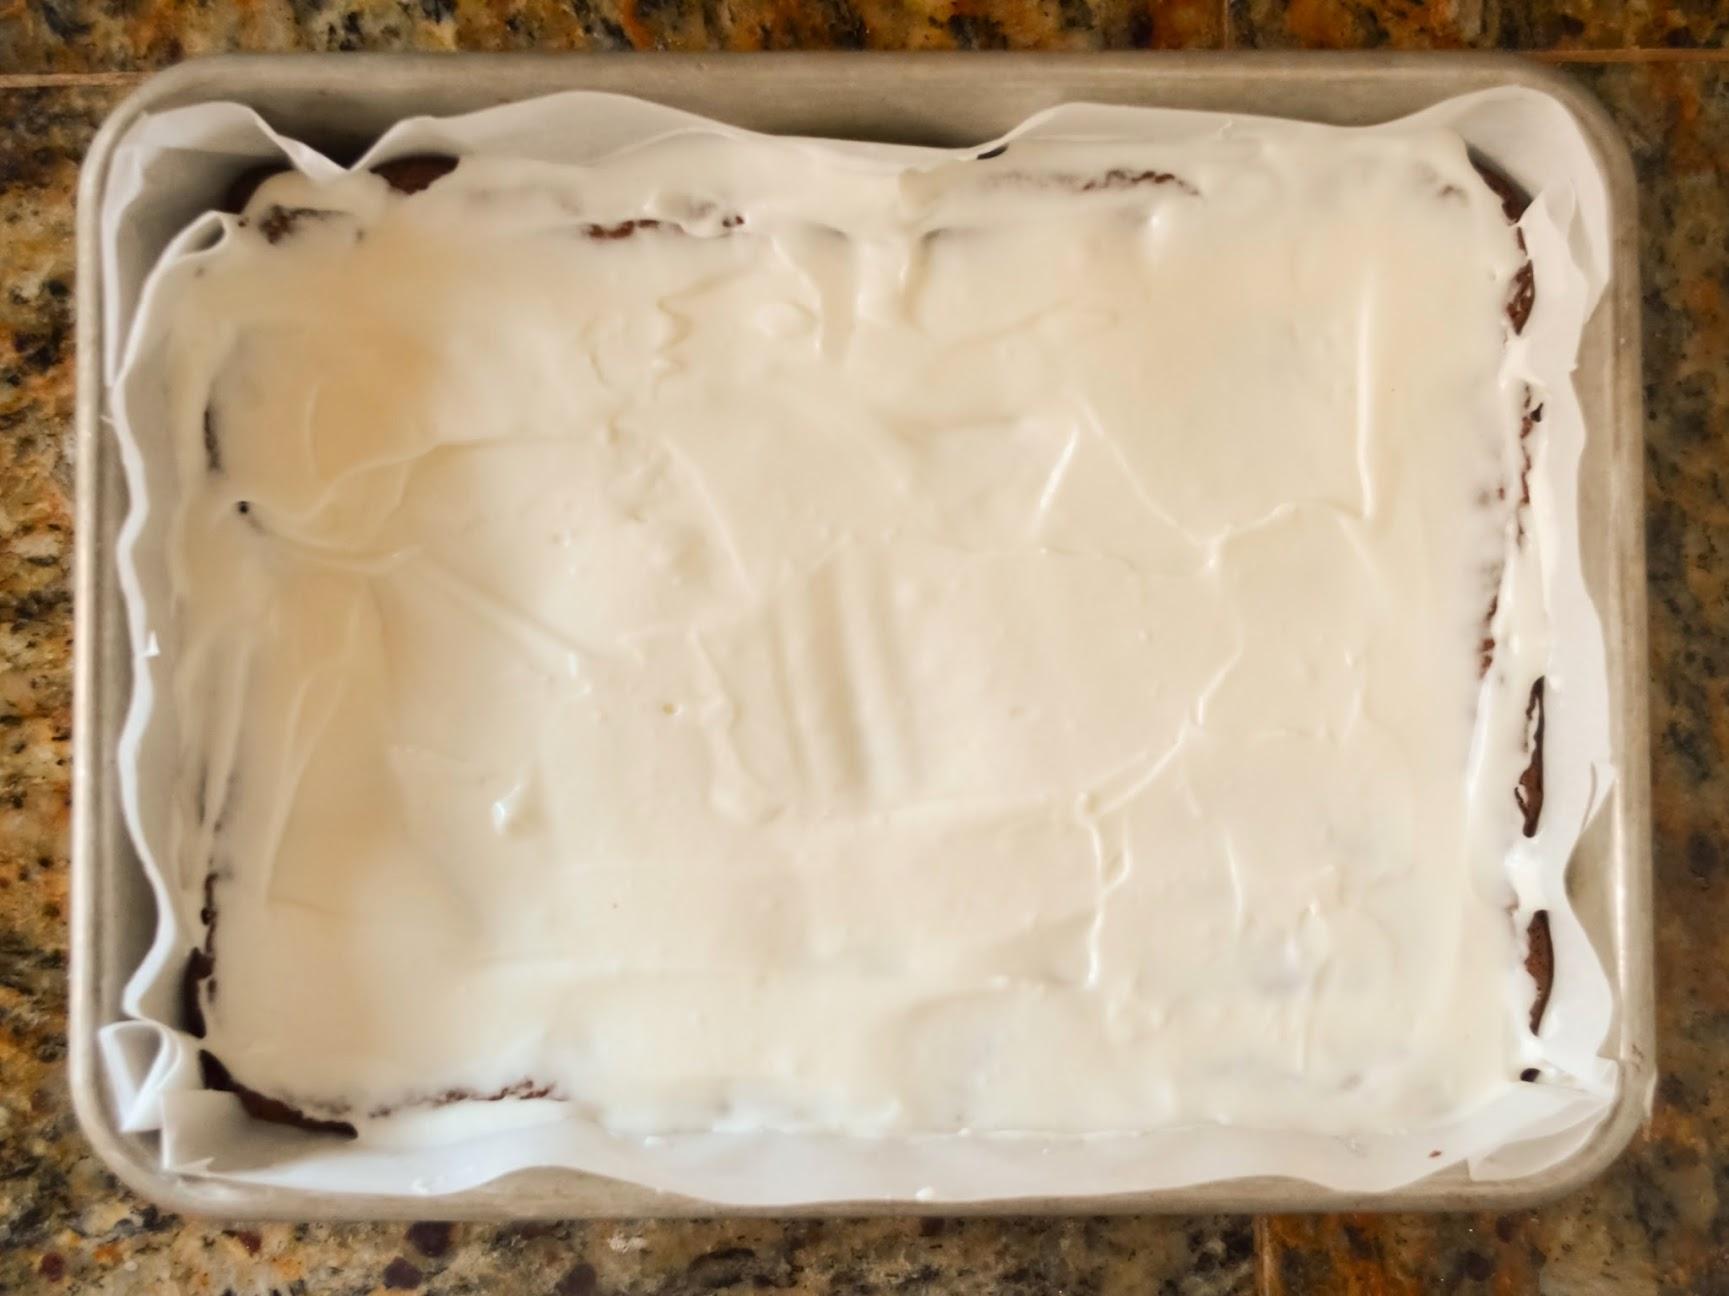 Creme-De-Menthe-Fudge-Brownies-Spread-Creme-De-Menthe-Over-Brownies.jpg